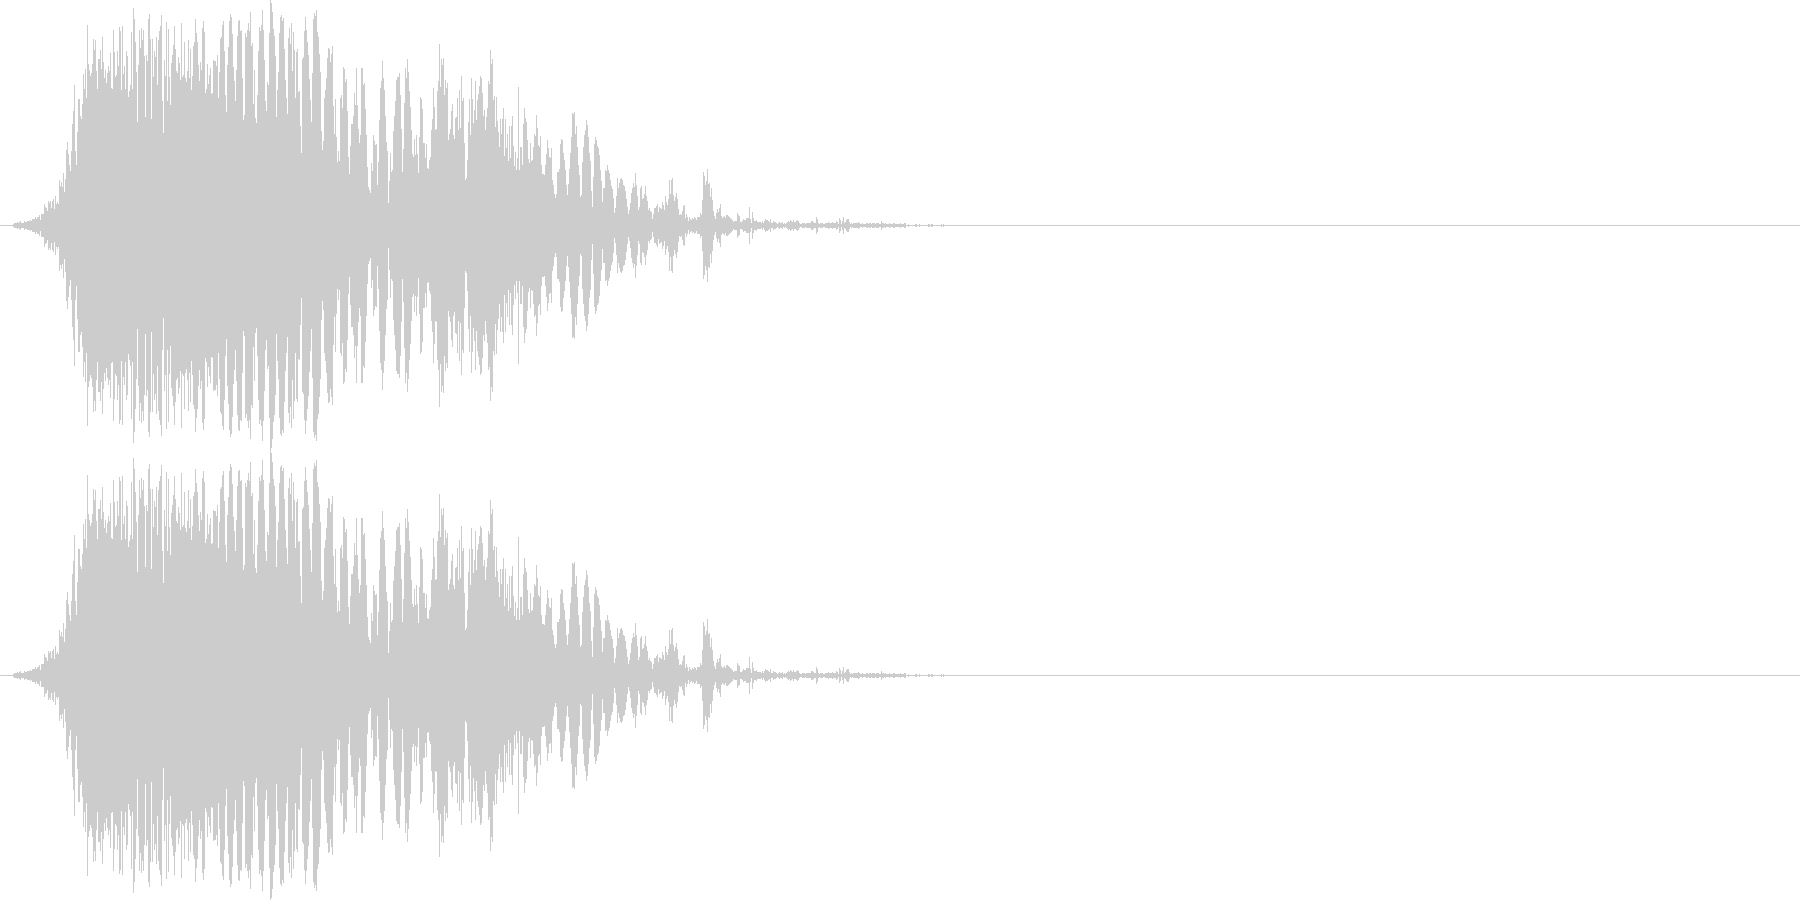 斬撃音(刀や剣で斬る/刺す効果音)10cの未再生の波形